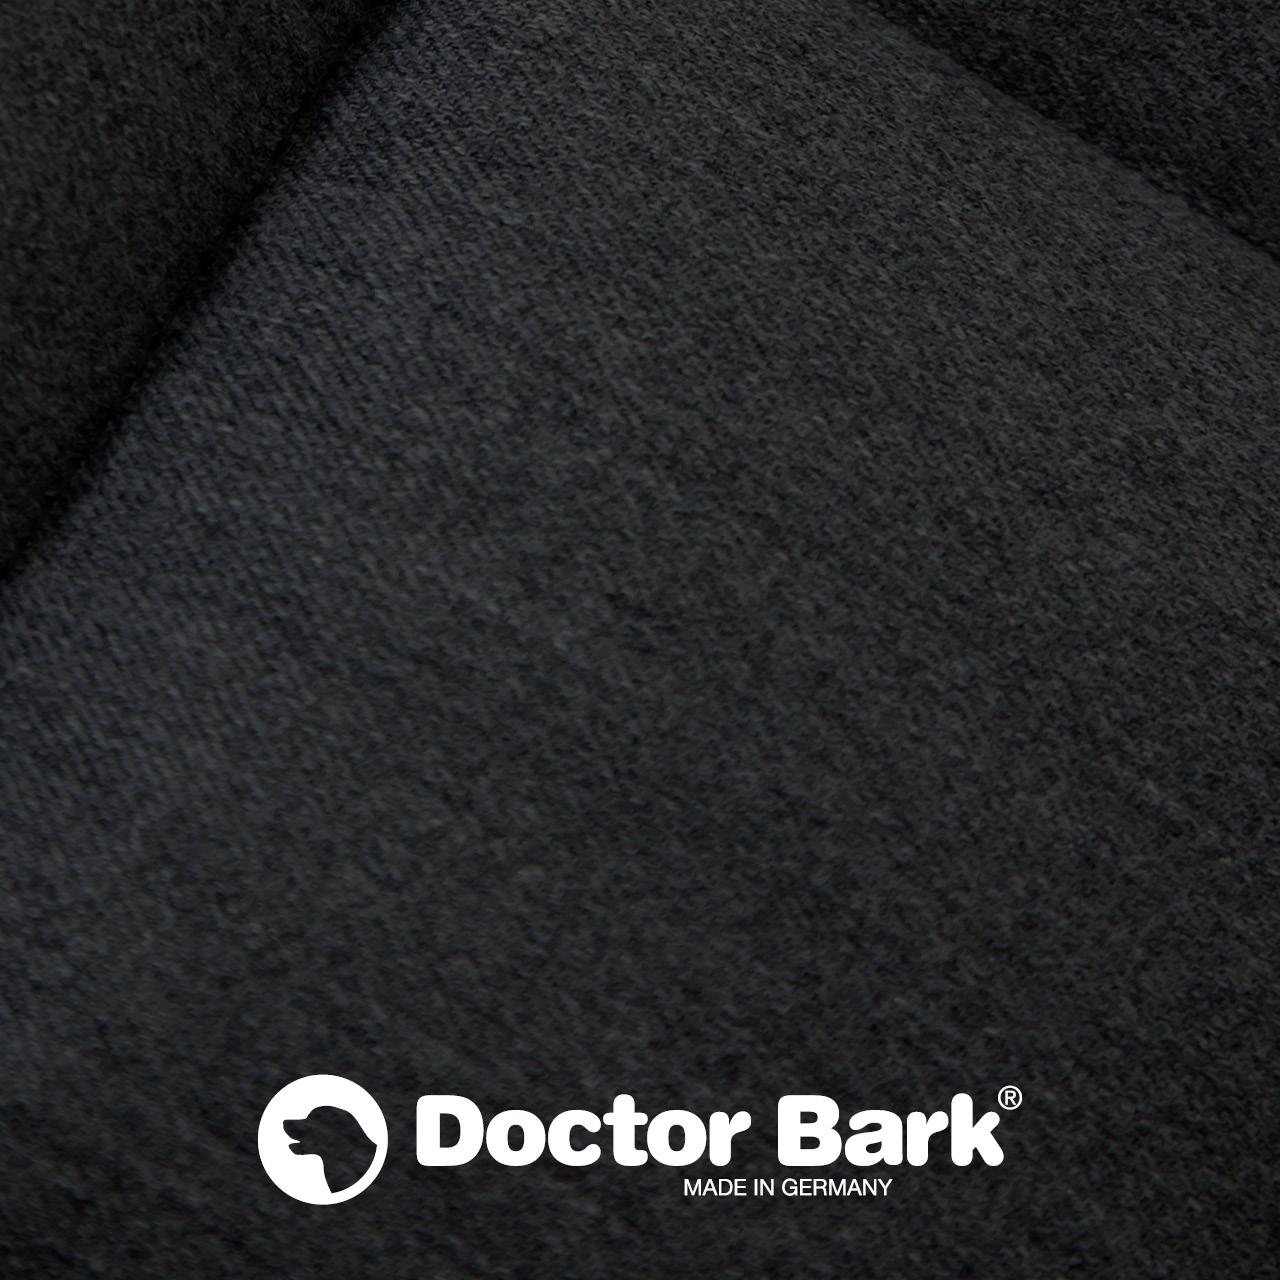 gepolsterte Einlegedecke für Doctor Bark Hundebett Gr. XL - schwarz